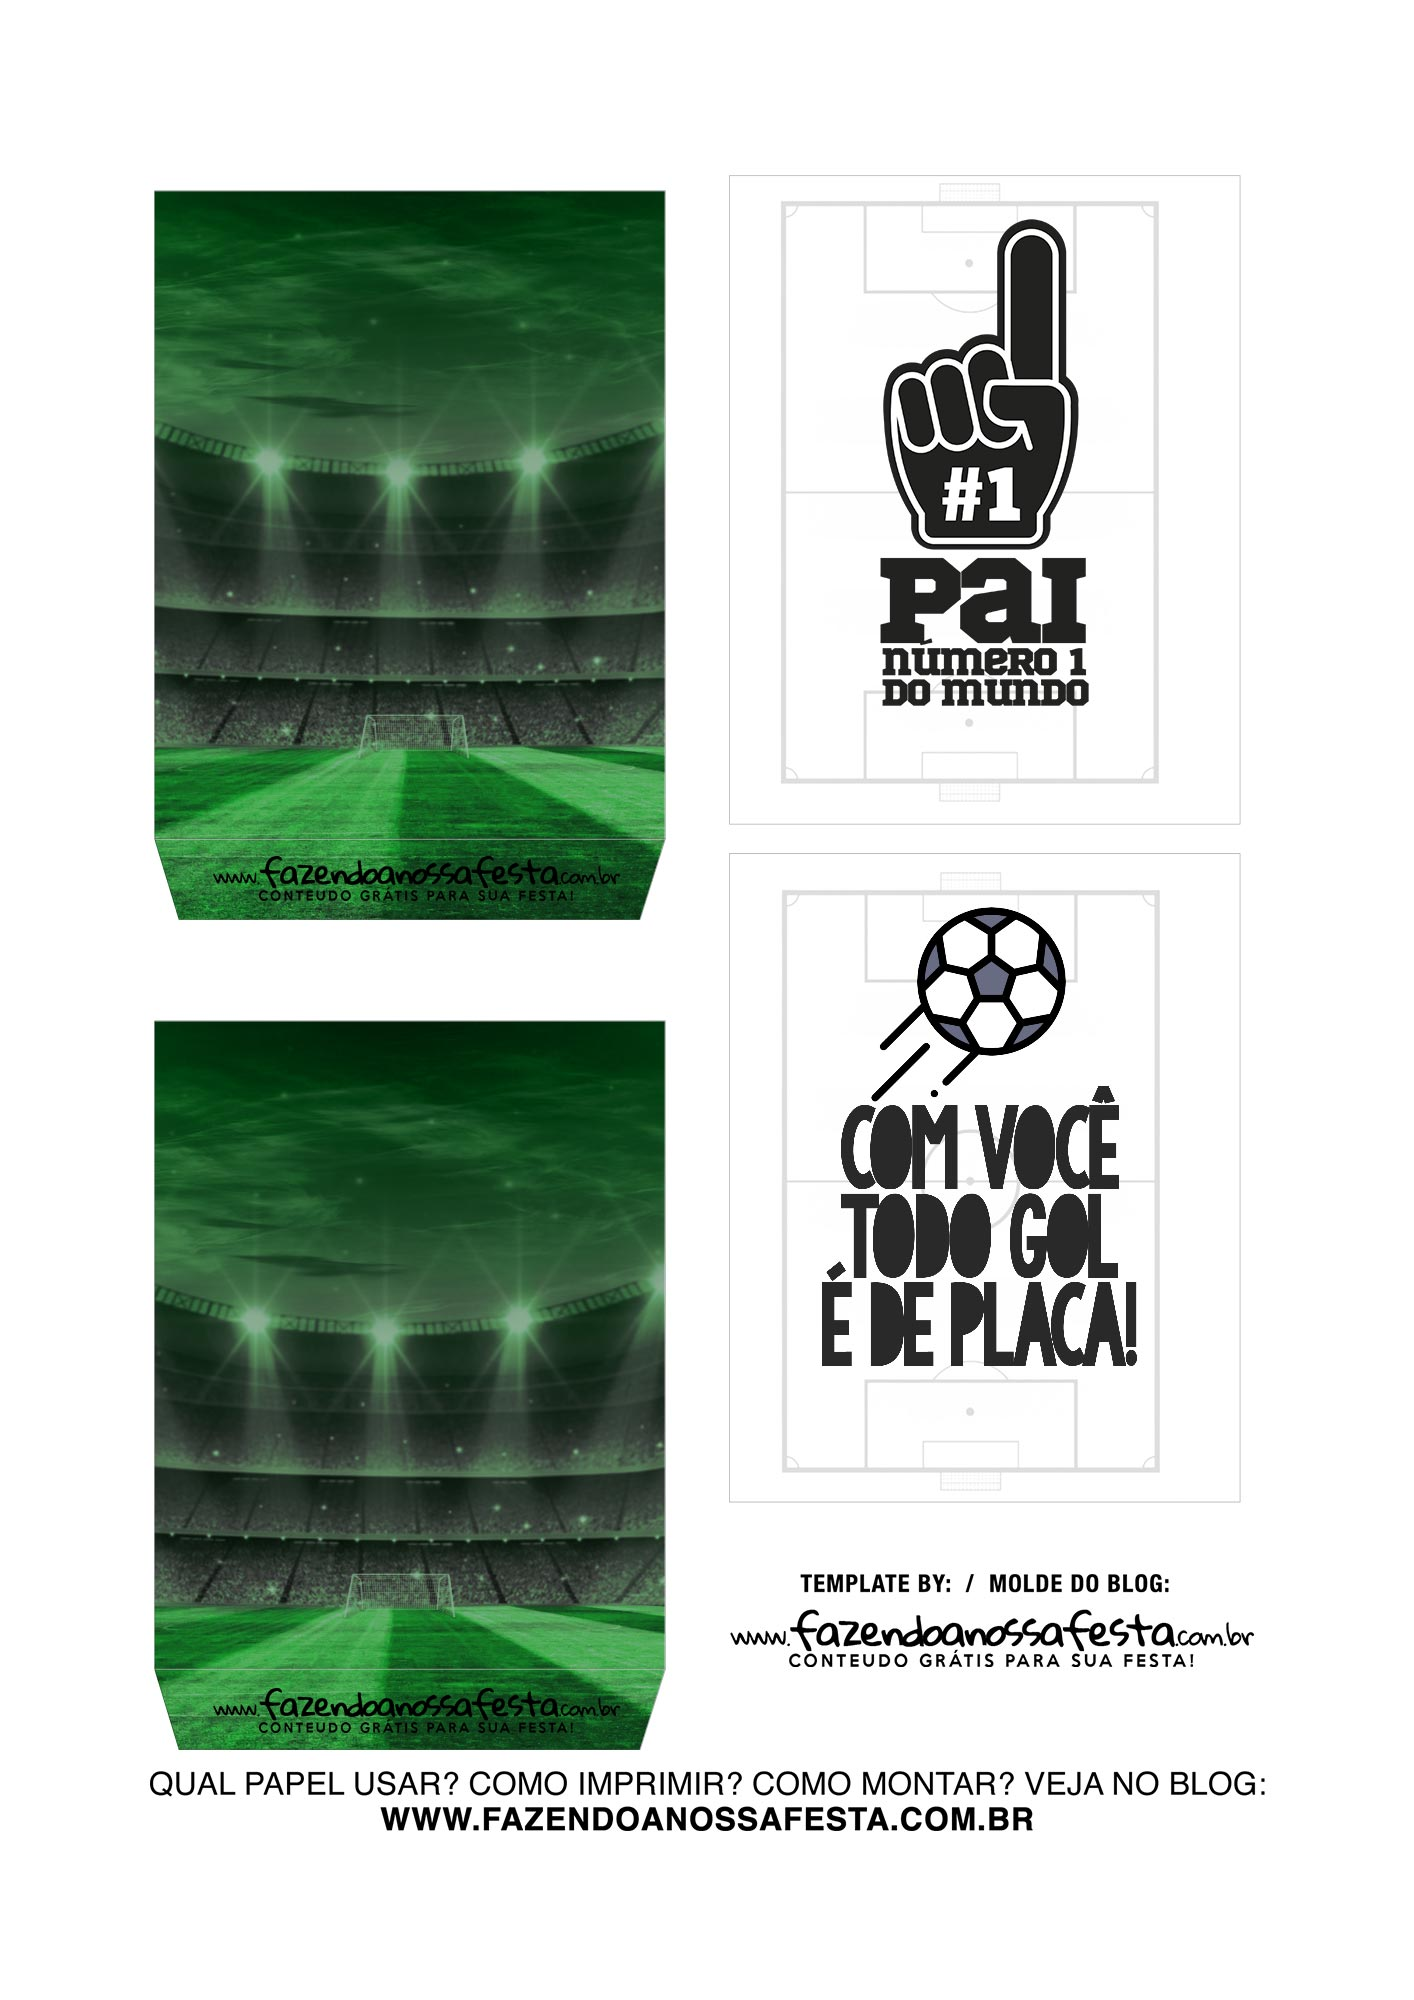 Caixa Explosao Dia dos Pais Times Palmeiras Parte 3